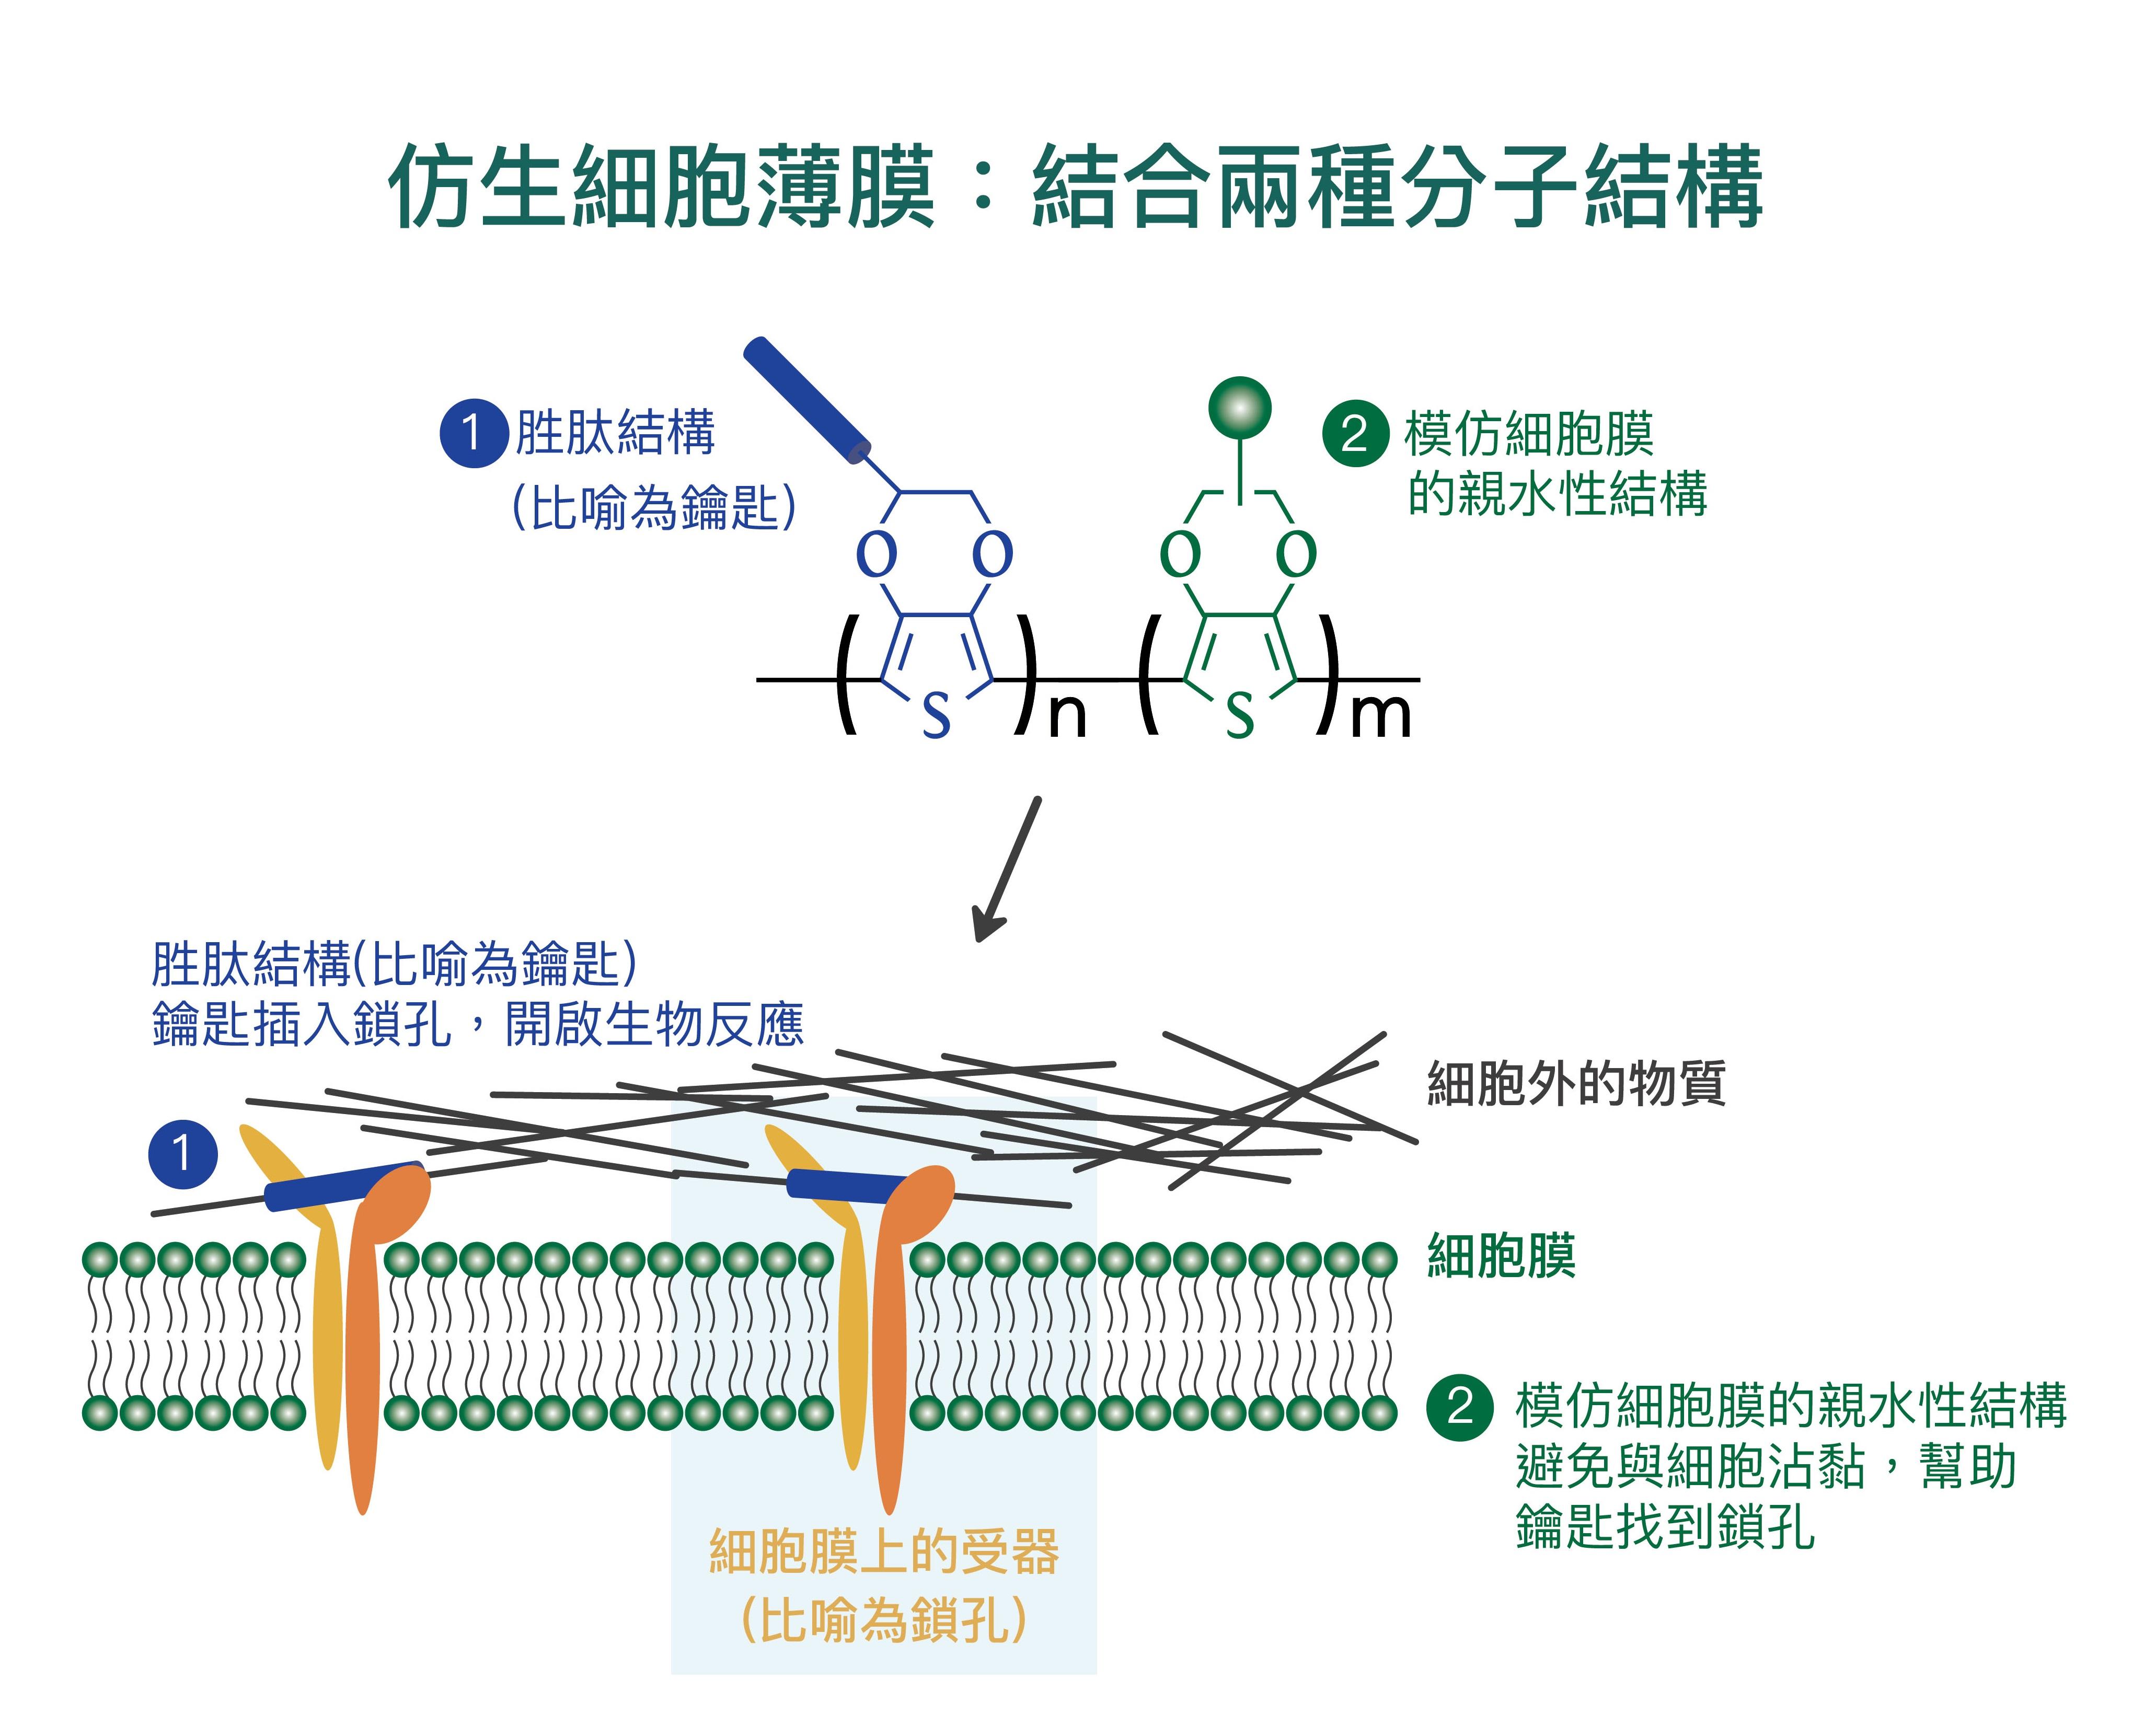 (1) 細胞膜上的特定受器 (integrin) 會辨識「仿生細胞薄膜」上的特定胜肽 (peptide),宛如鎖孔與鑰匙結合。(2) 為了避免細胞非特異性的沾黏,「仿生細胞薄膜」還需加上模仿細胞膜的親水性結構。圖│研之有物(資料來源│尤嘯華提供)